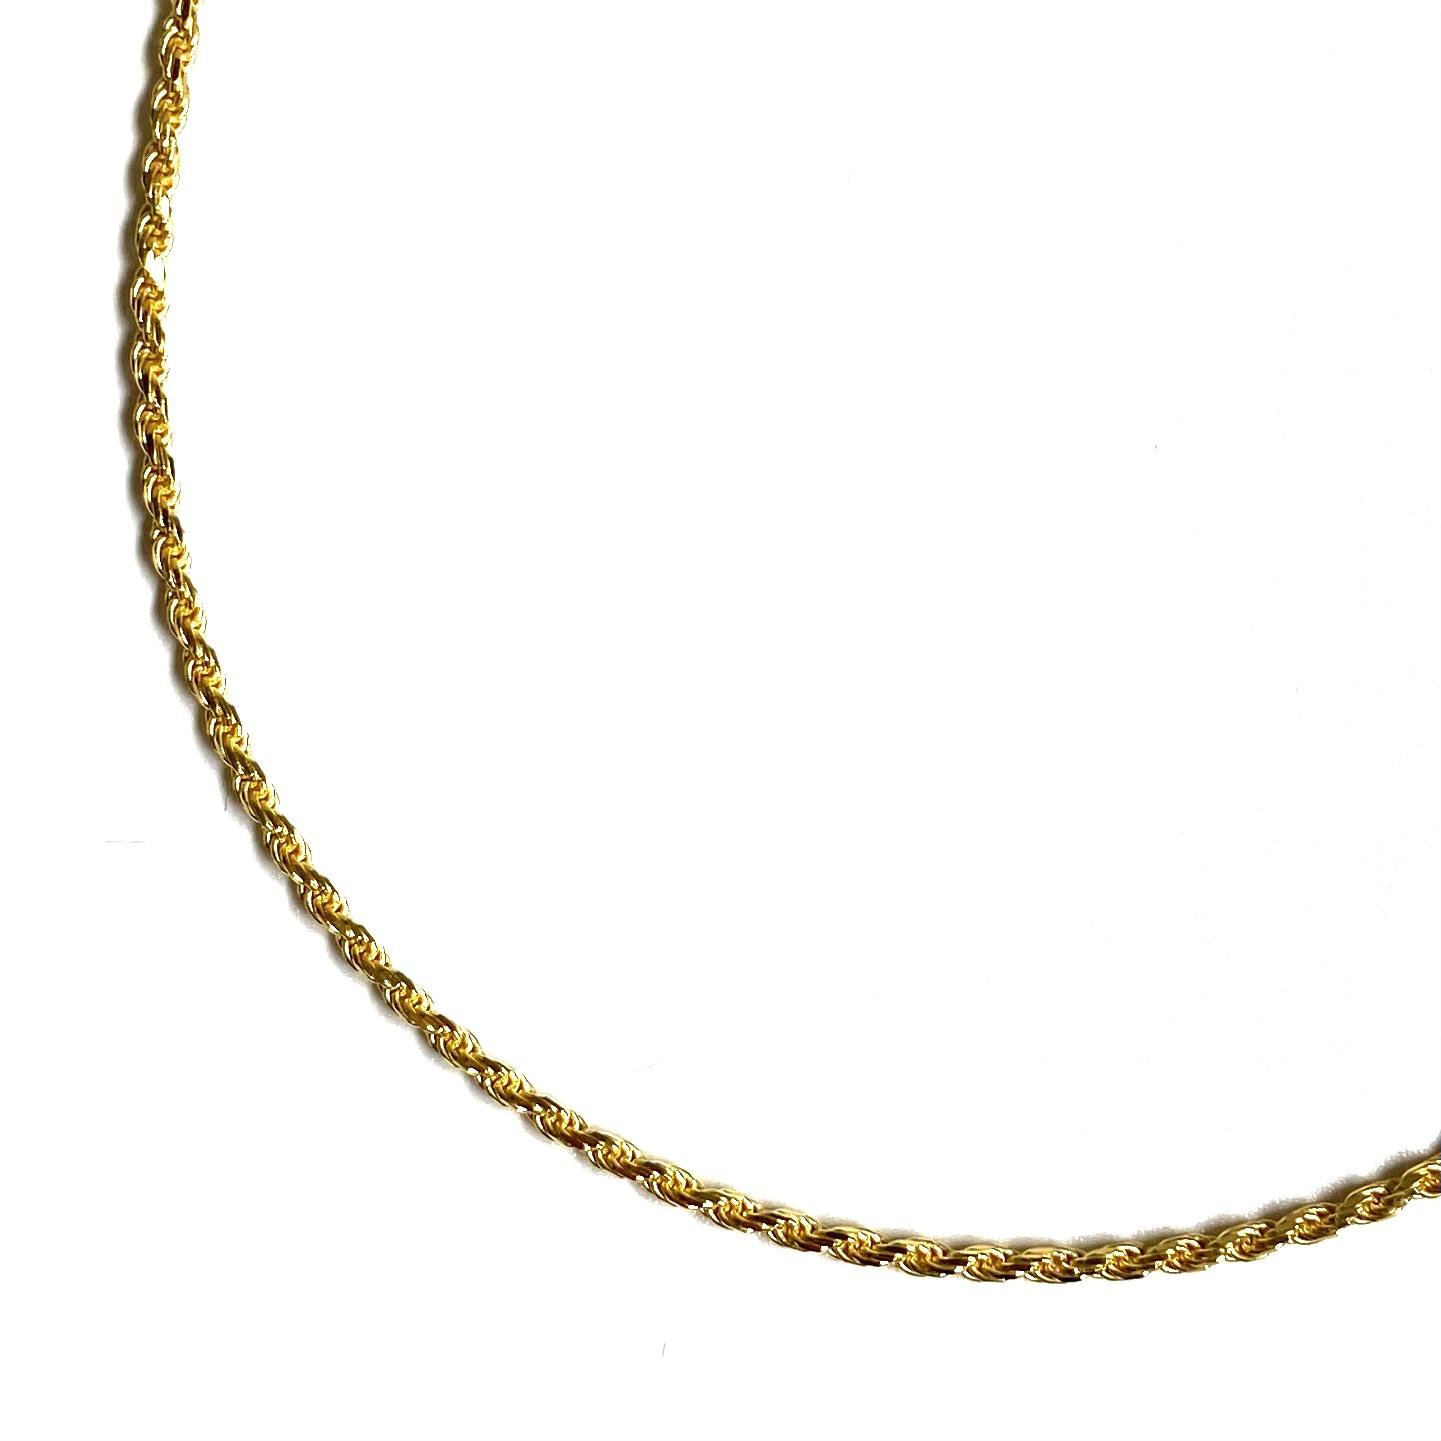 画像1: 18k Gold Plated 1.5mm Rope Chain Necklace Gold / 18金メッキ 925 シルバー ロープ チェーン ネックレス ゴールド (1)